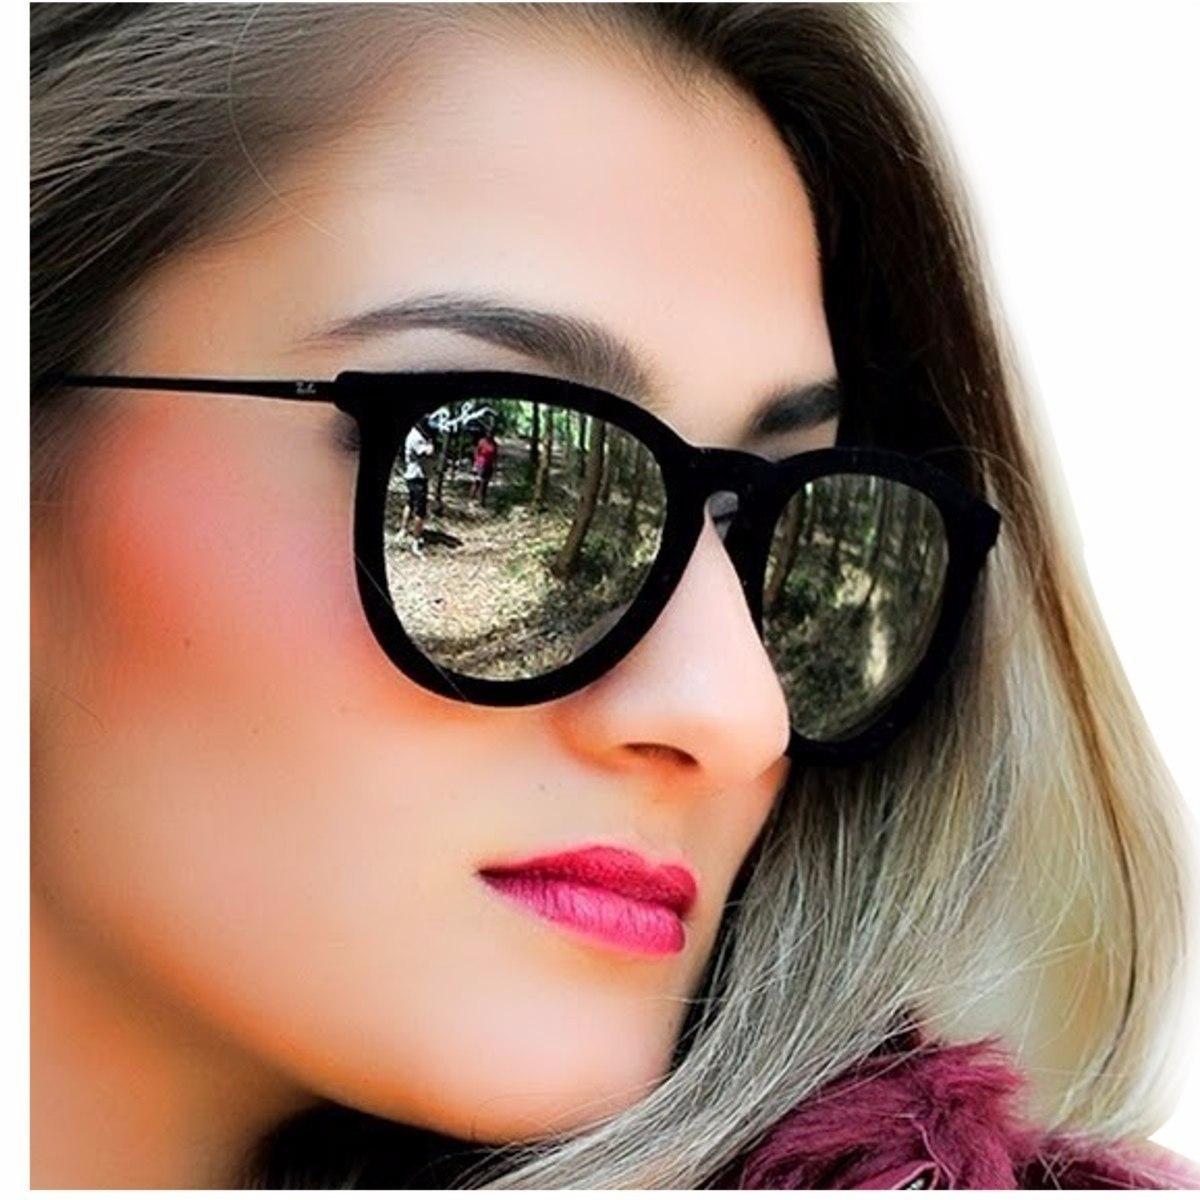 157970824 oculos erika veludo velvet rb4171 preto envio grátis+brinde. Carregando  zoom.